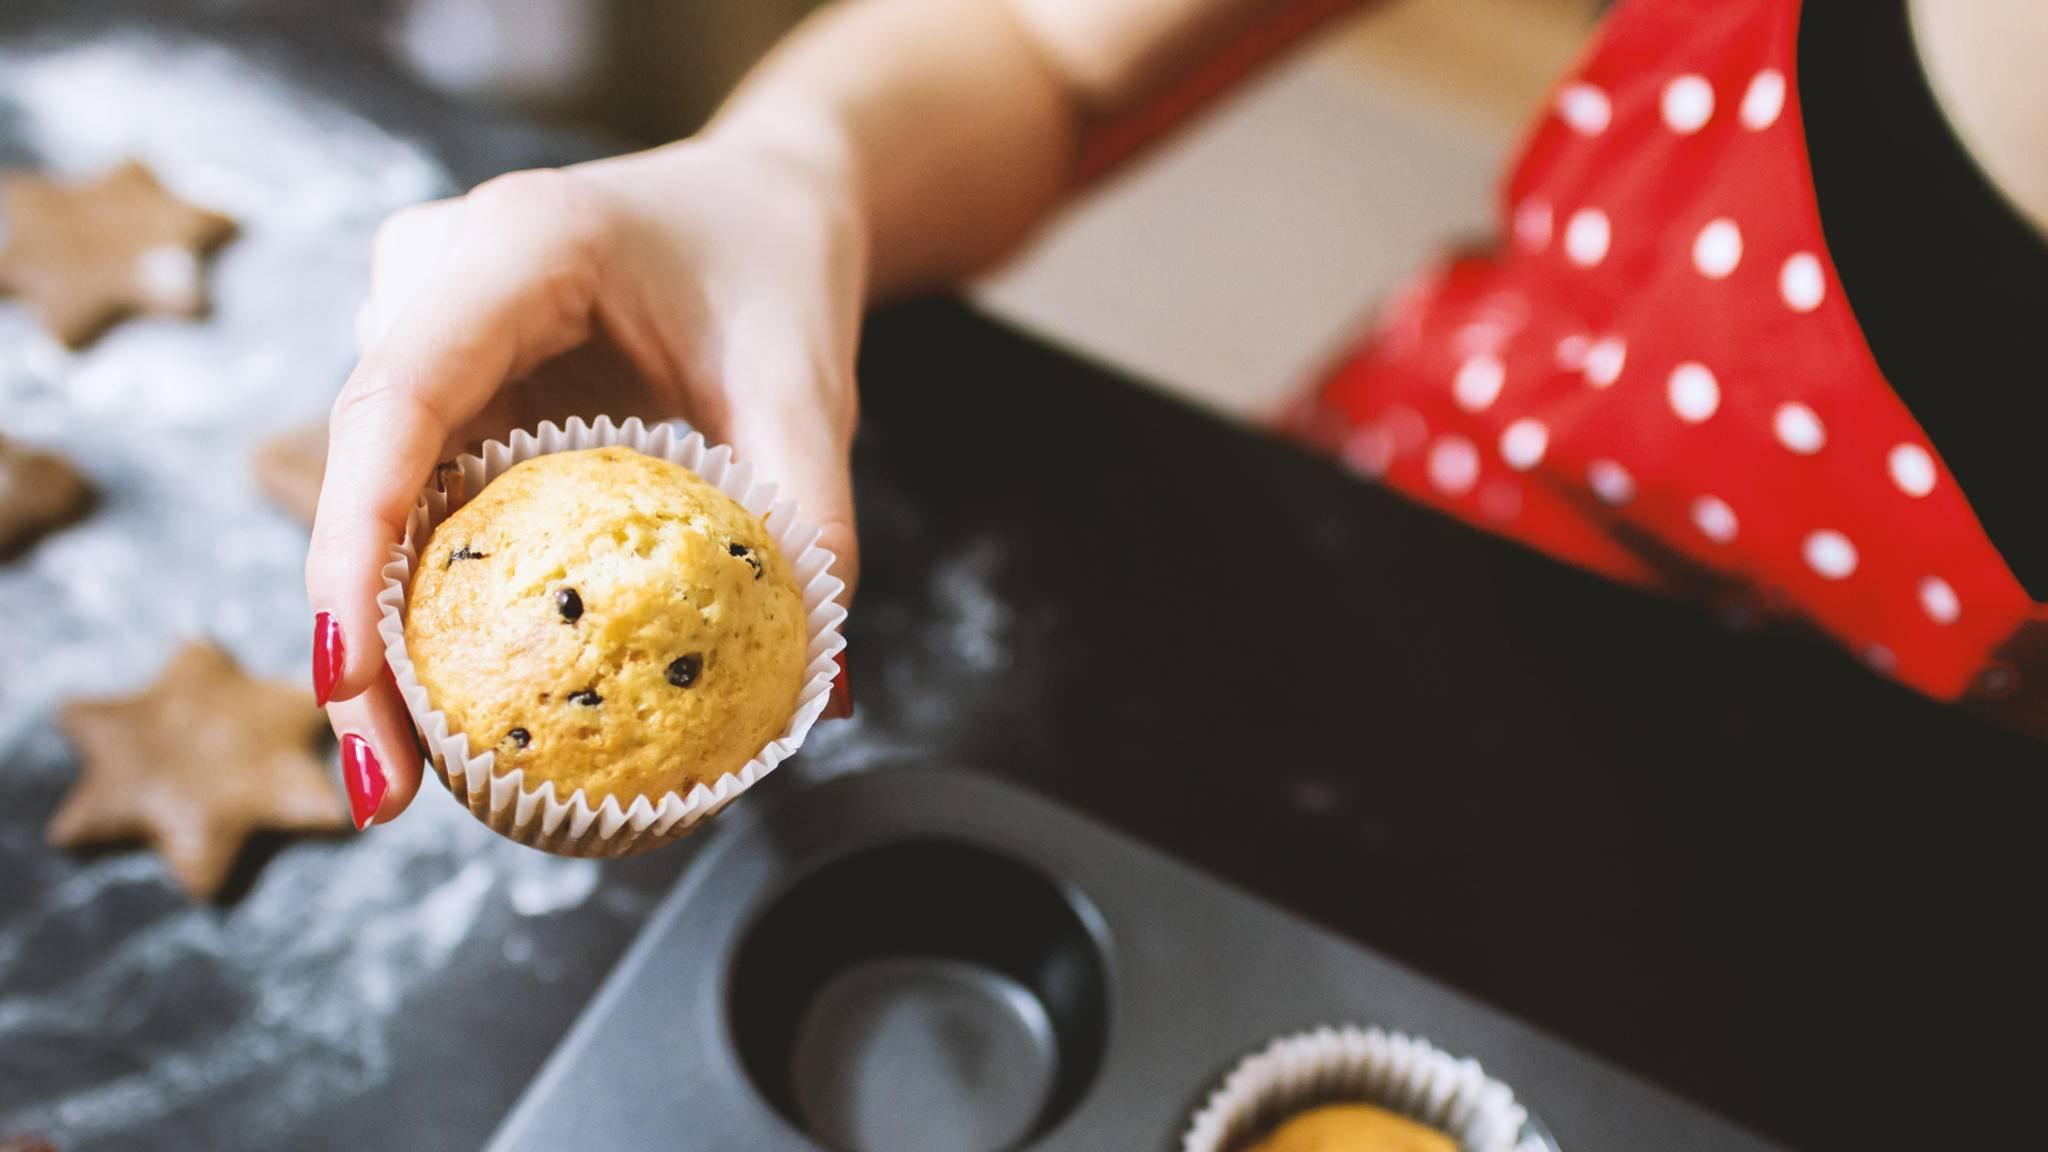 Backen Ohne Zucker 7 Gesunde Rezepte Fur Kuchen Co